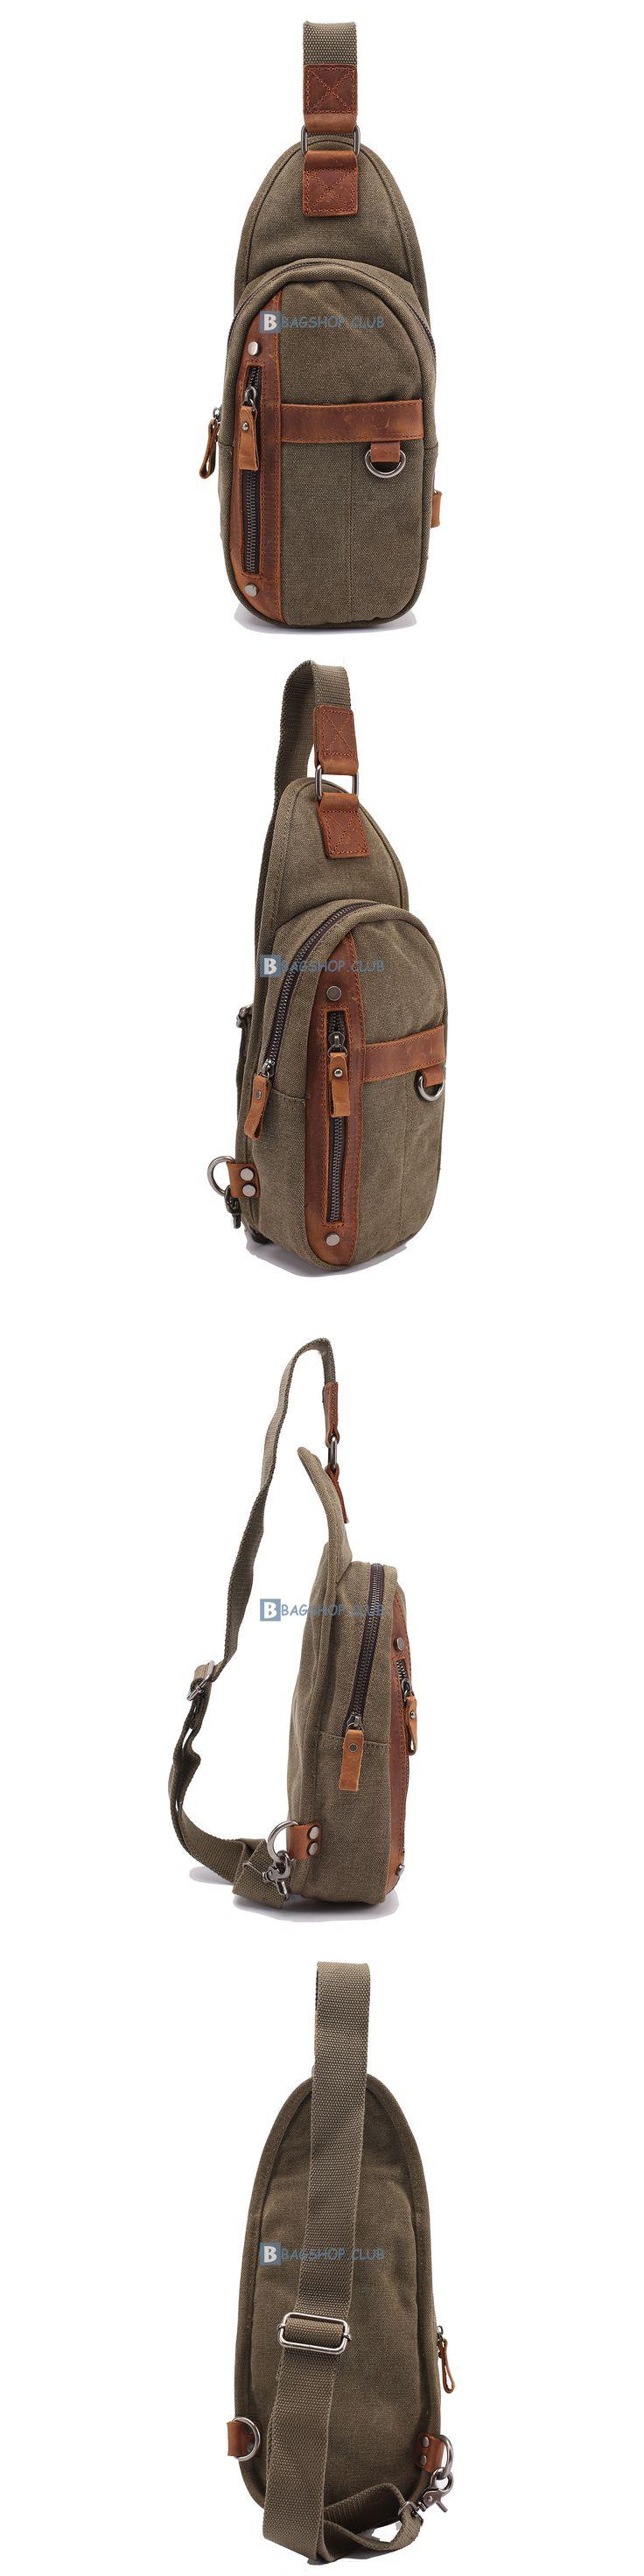 $58.99 Single Strap BackpacksSling Bag For Mens